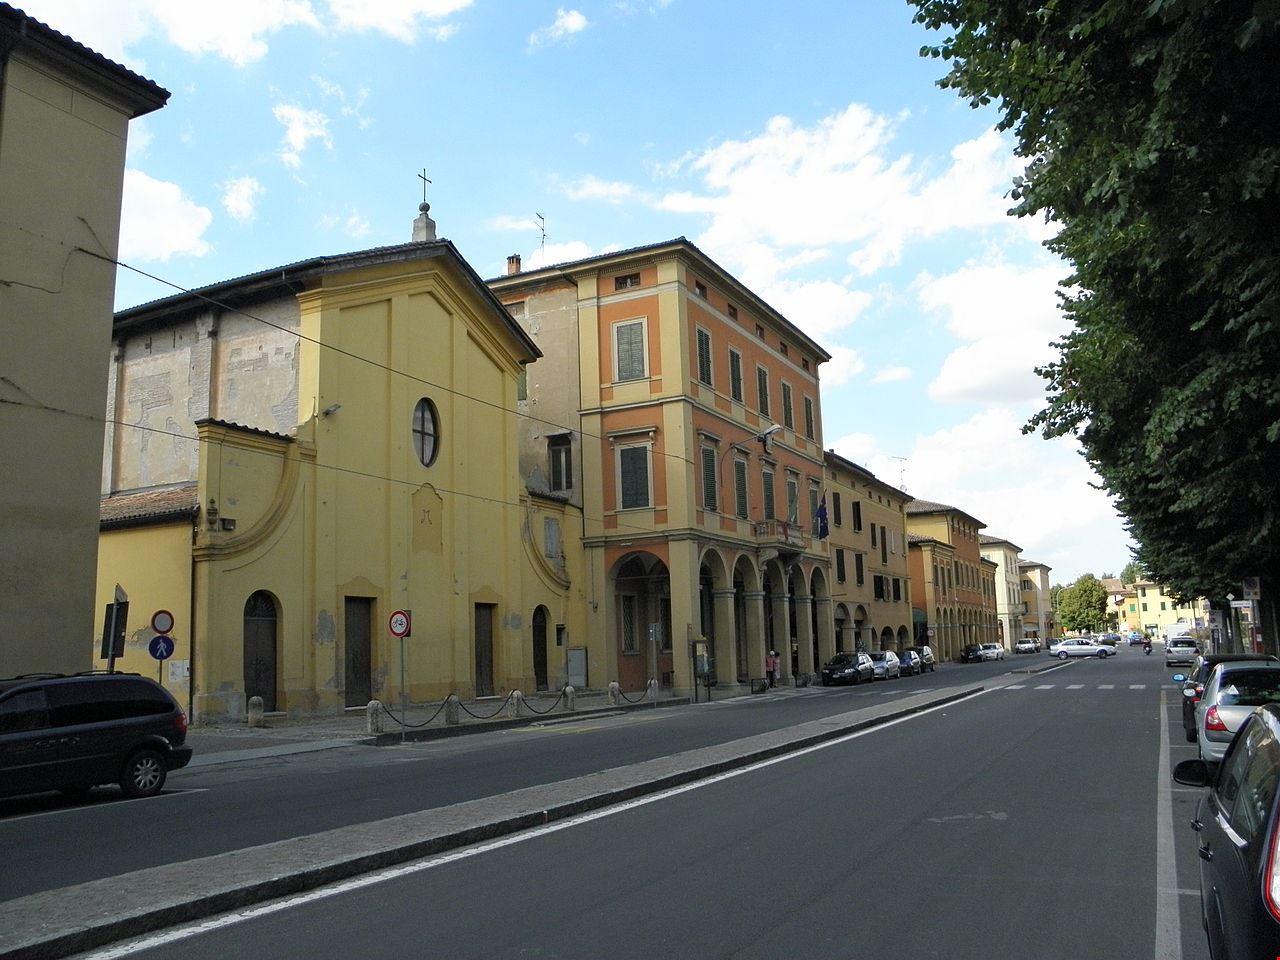 1280px-Oratorio_della_Natività_e_Palazzo_Municipale_(Minerbio)